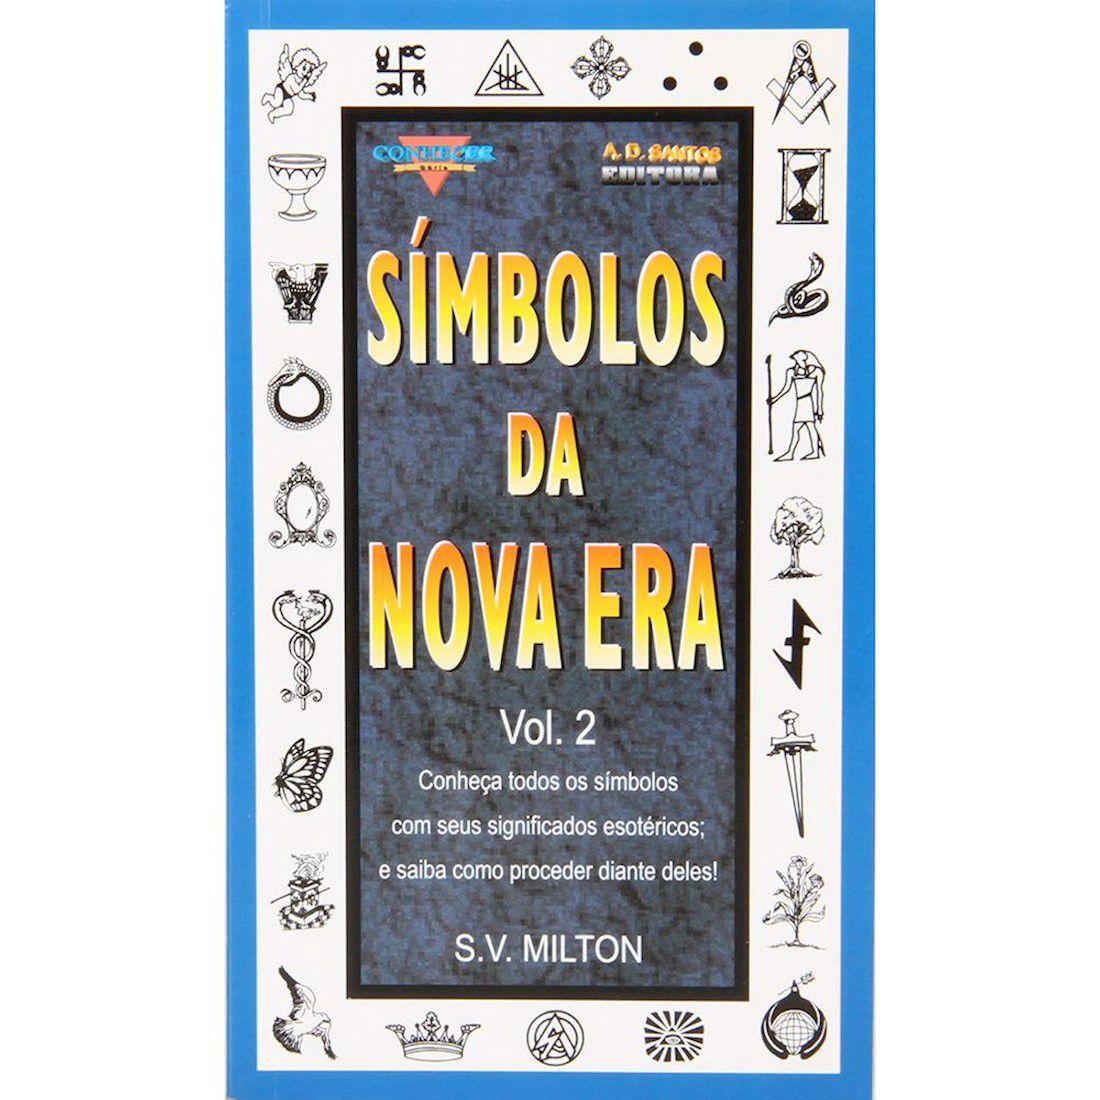 Livro Símbolos da Nova Era - Vol. 2 - Série Conhecer